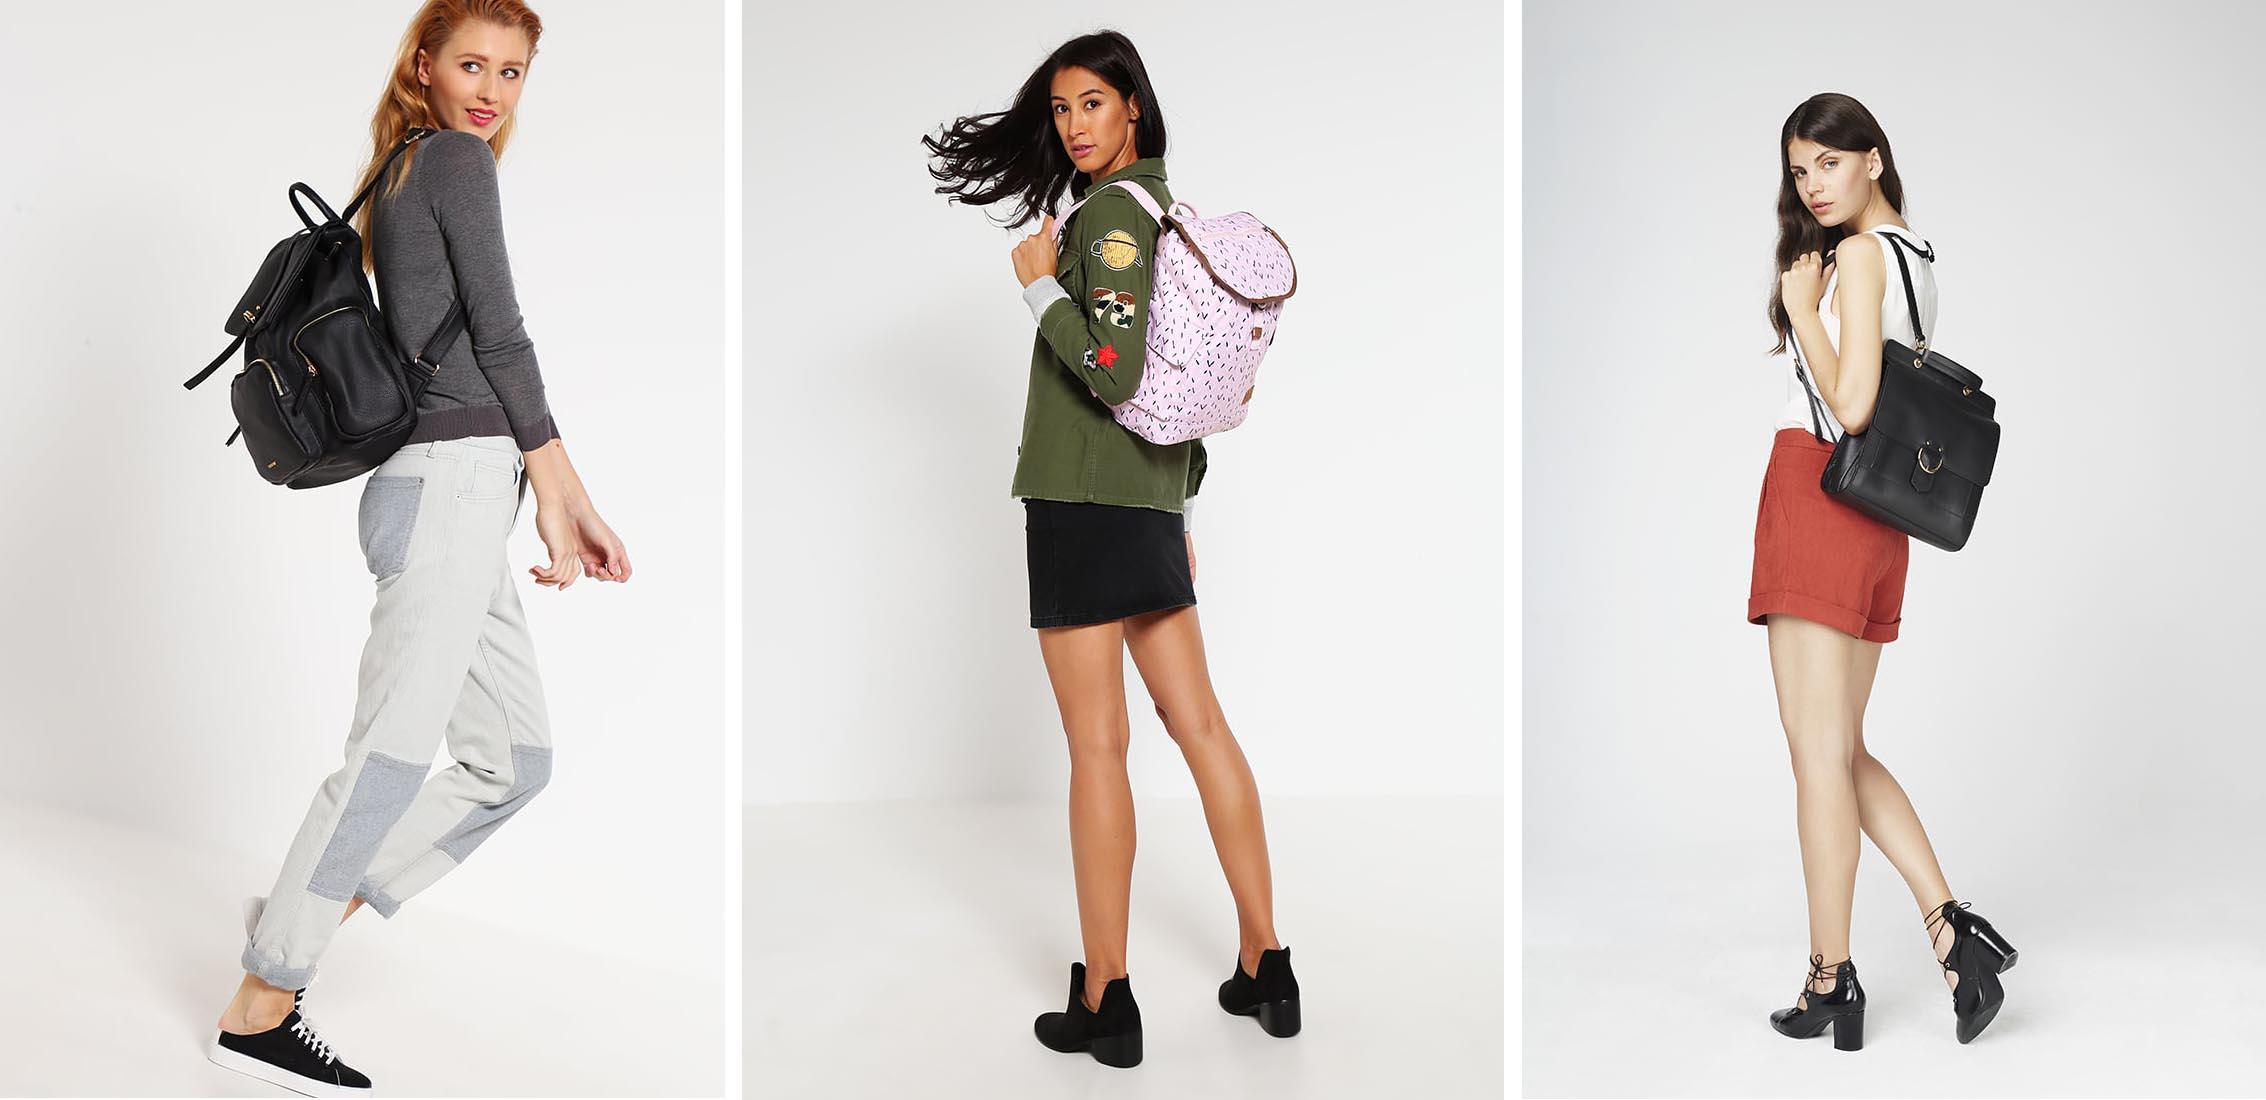 Shoppen: 13x rugzakken die stijlvol én praktisch zijn